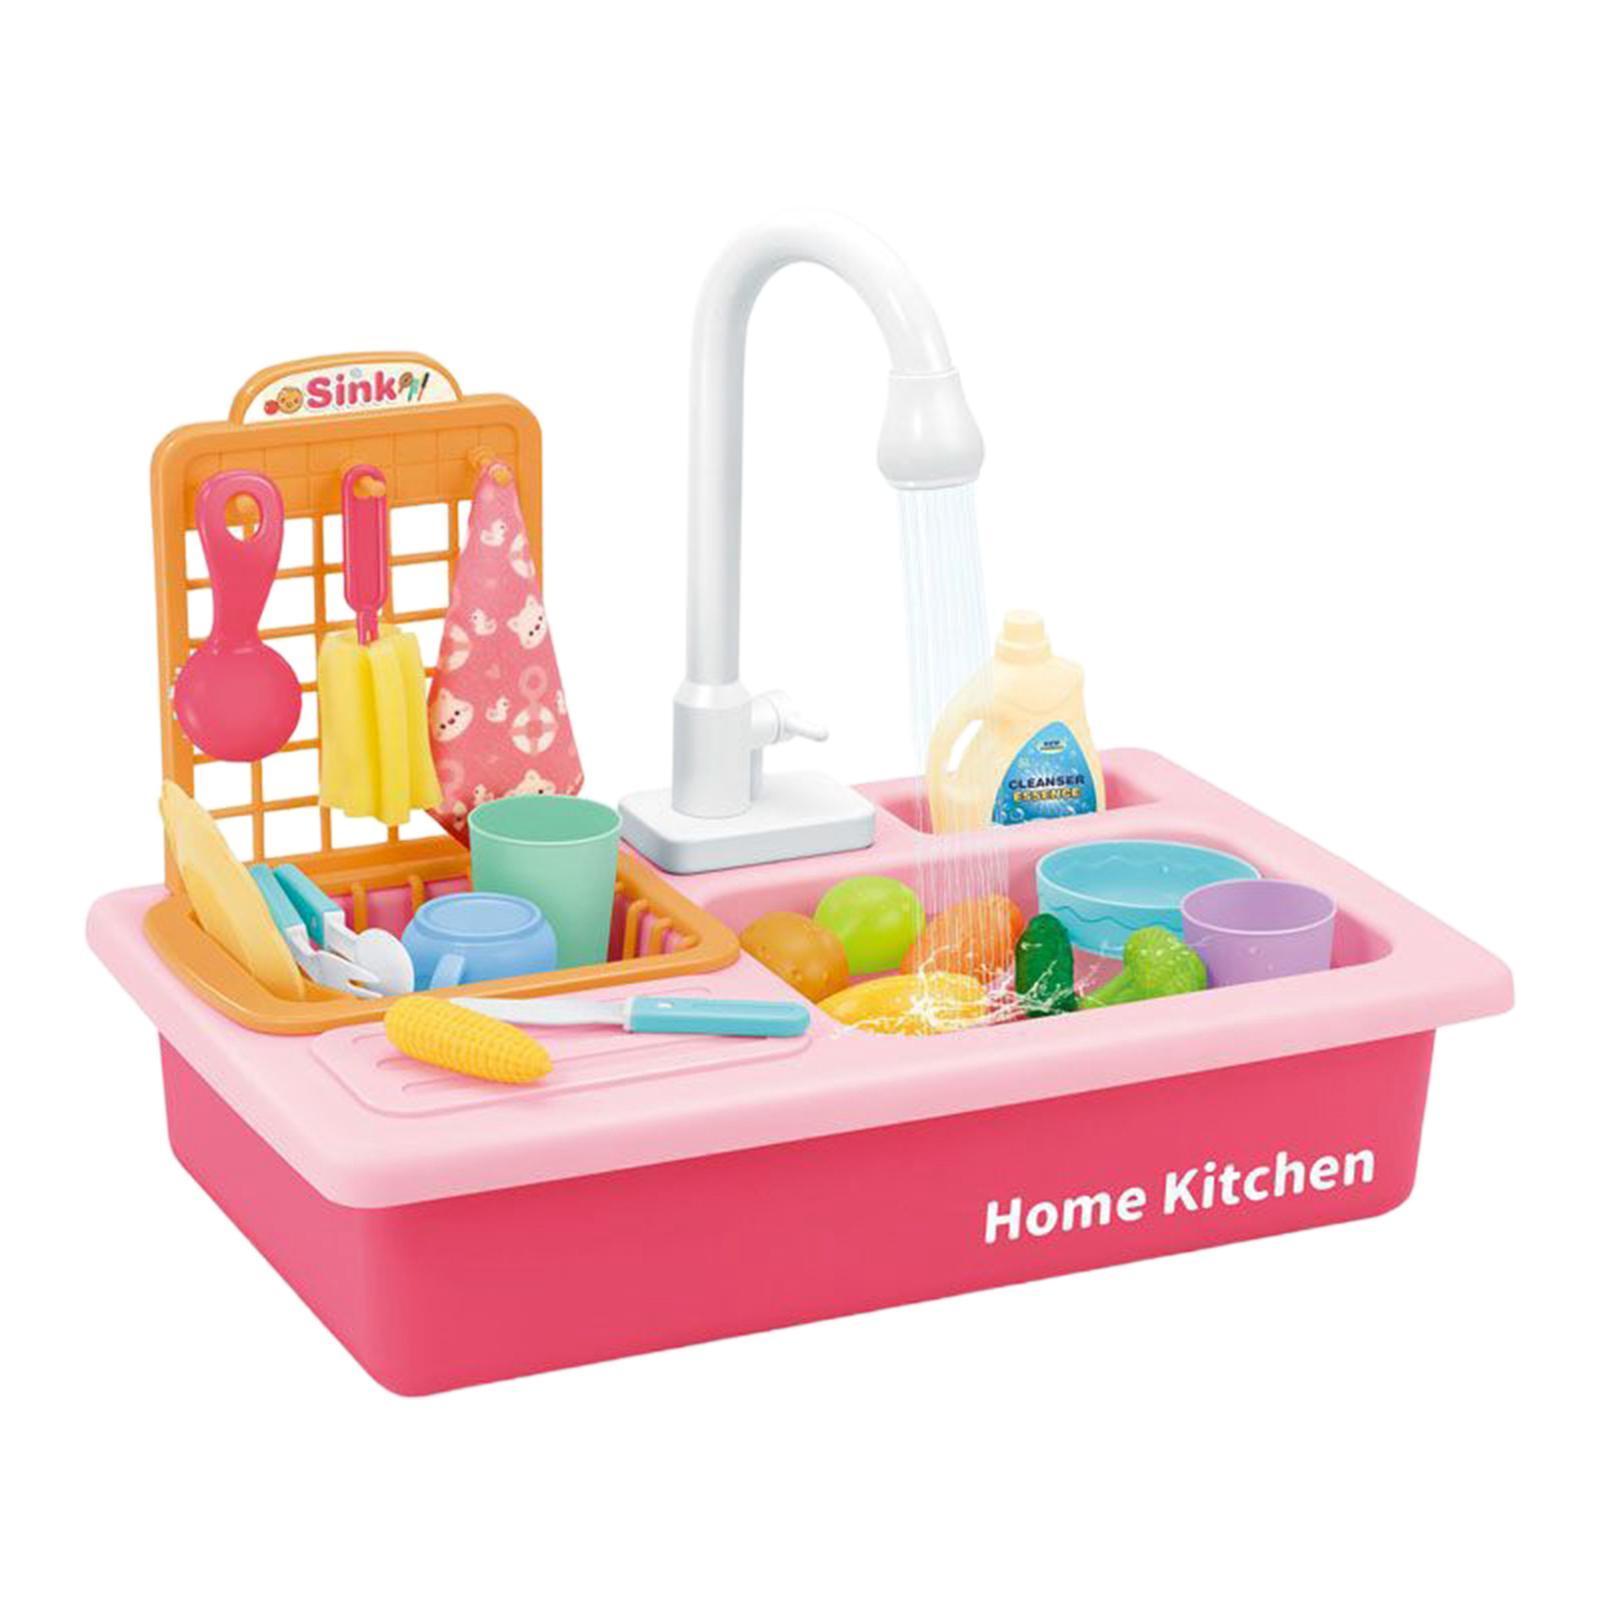 Indexbild 17 - Kinder-Kueche-Spielen-Waschbecken-Spielzeug-Automatische-Wasser-Zyklus-System